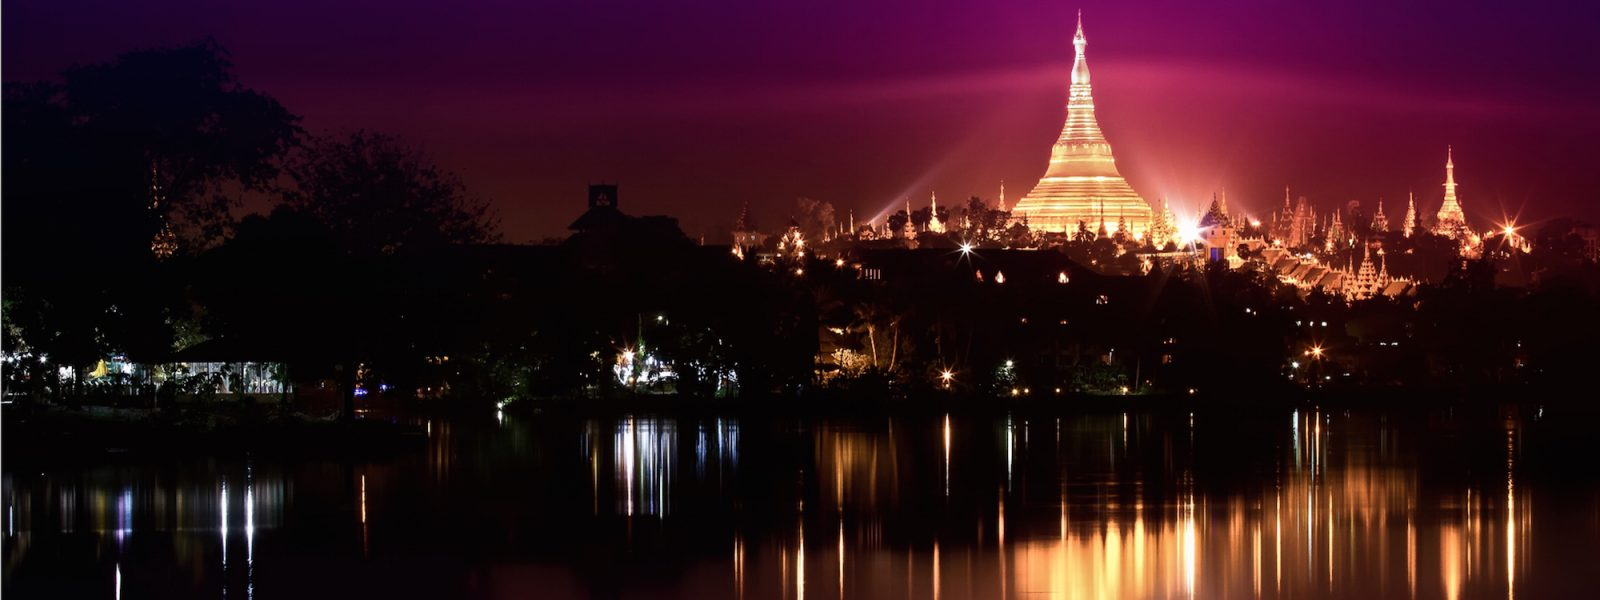 Destinations - Shwedagon Pagoda at night - Yangon - Sampan Travel